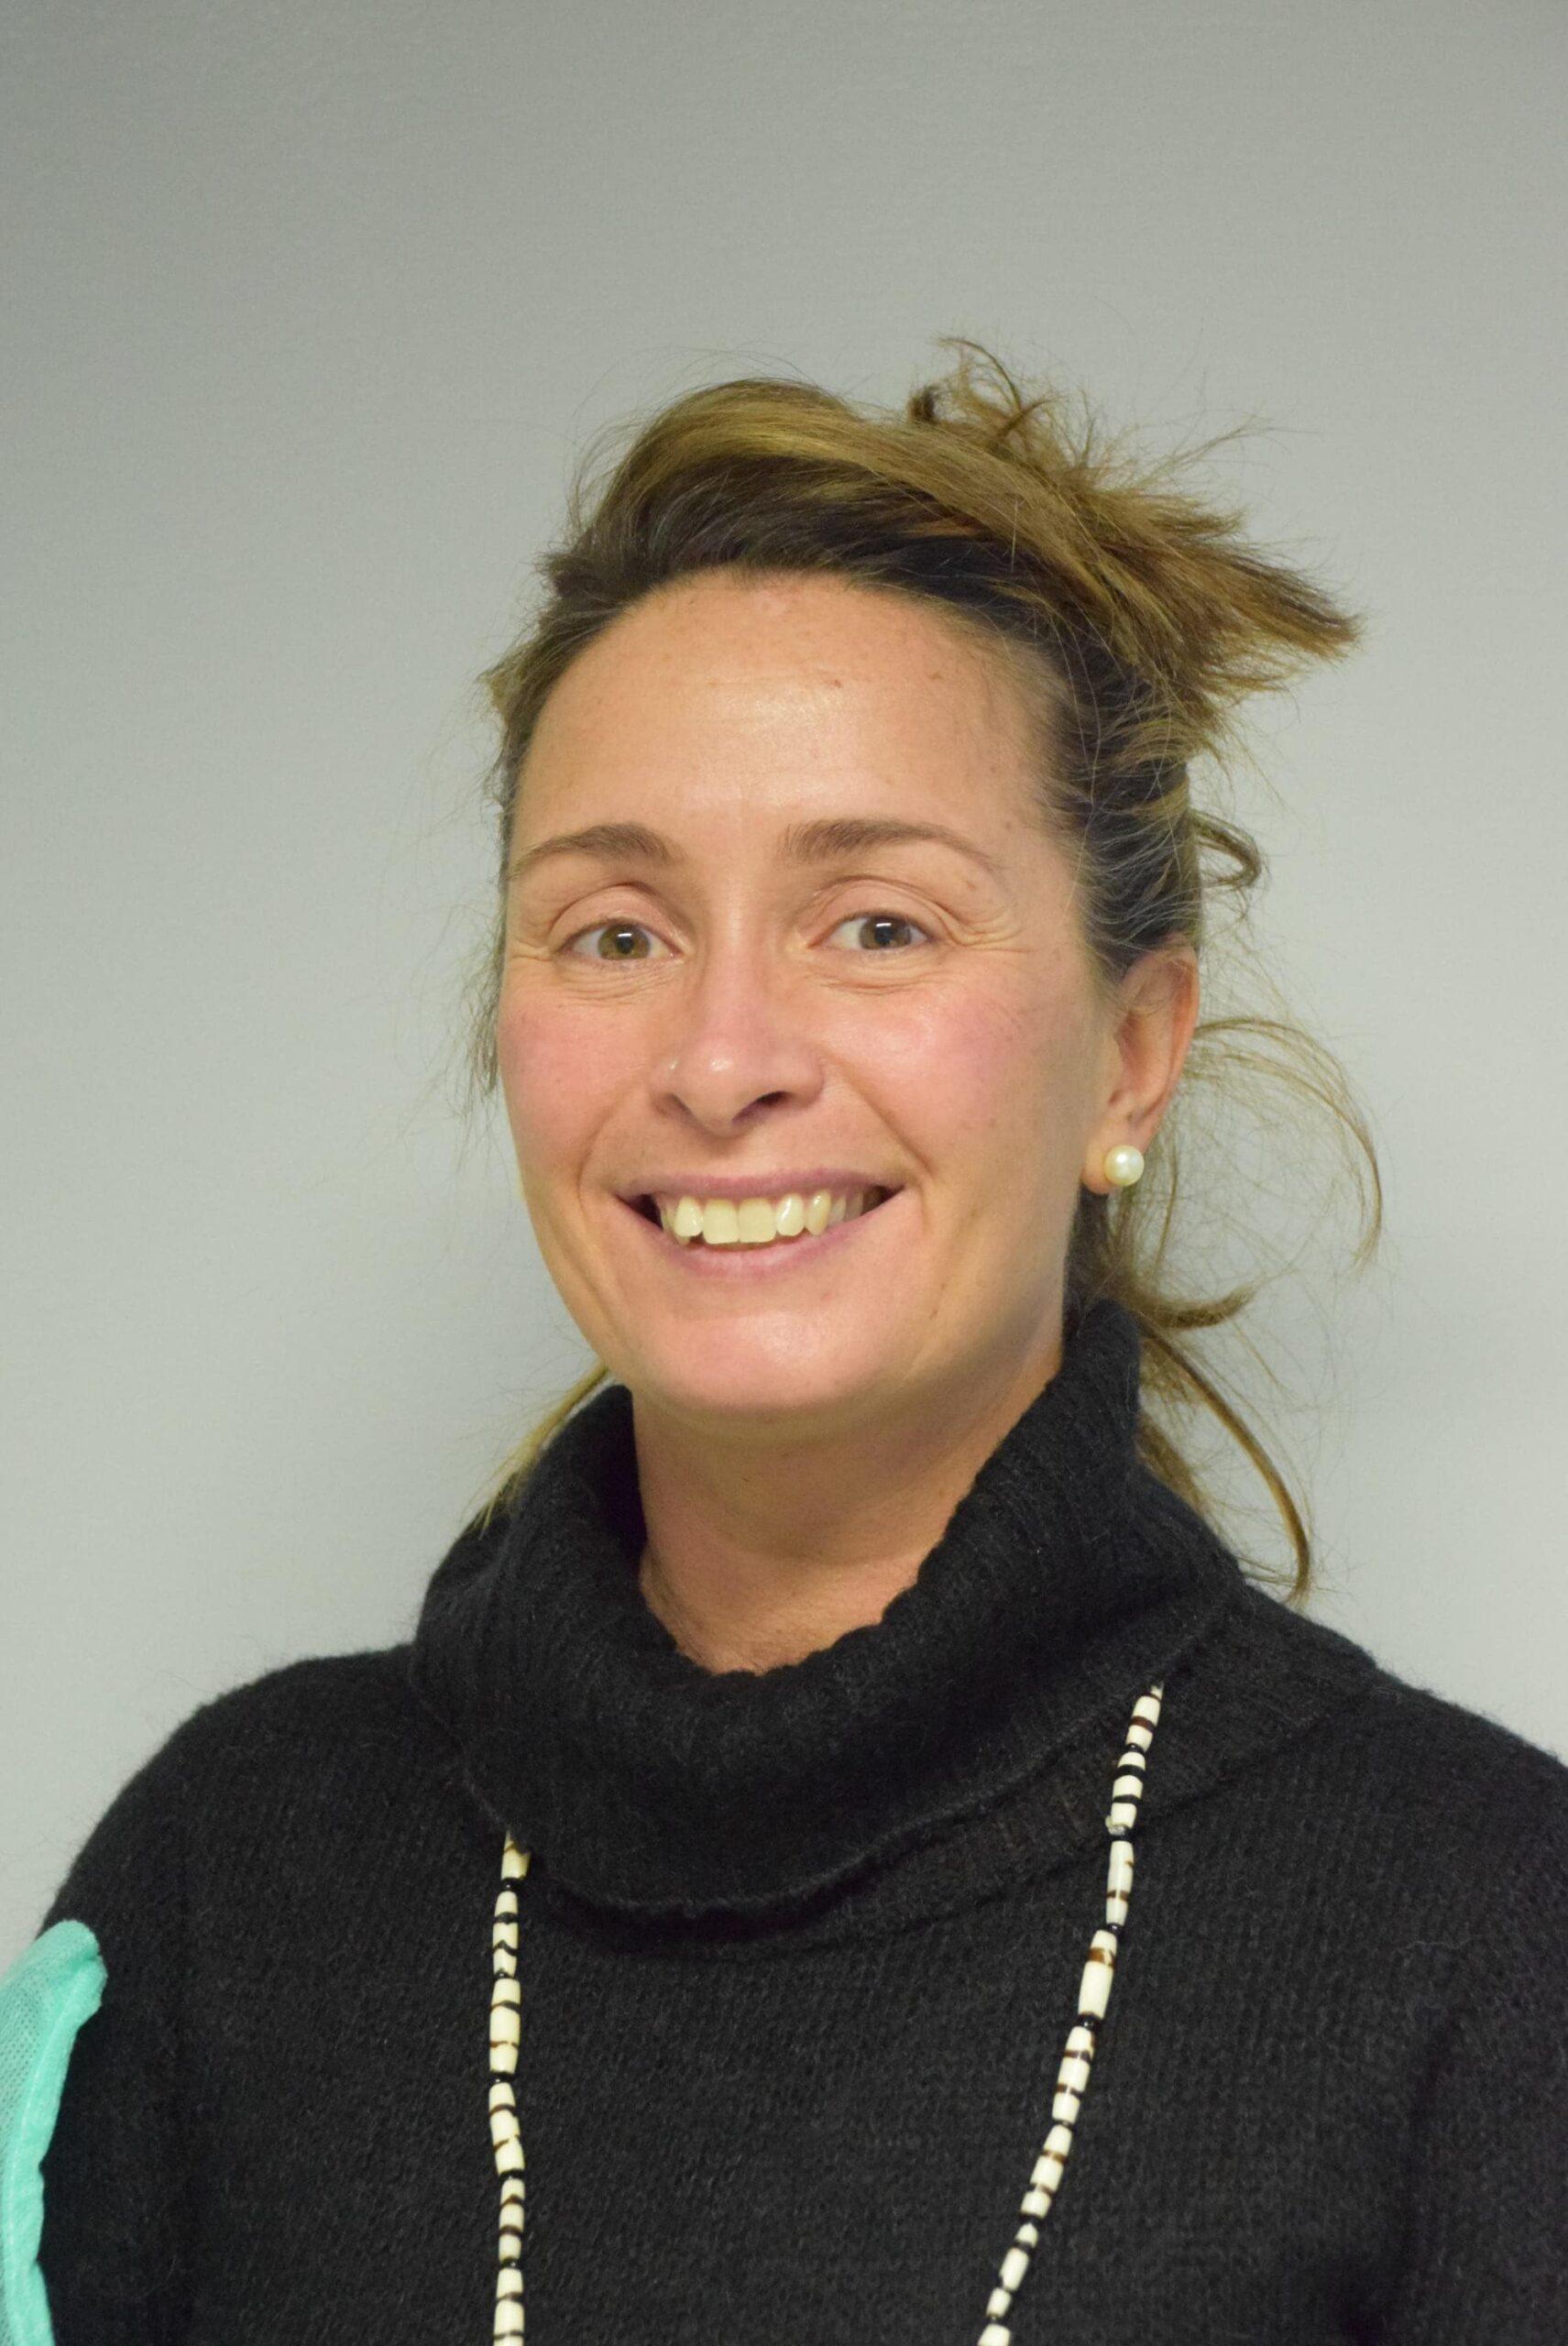 dermatologa capriate Dr.ssa Elisa Zaccaria